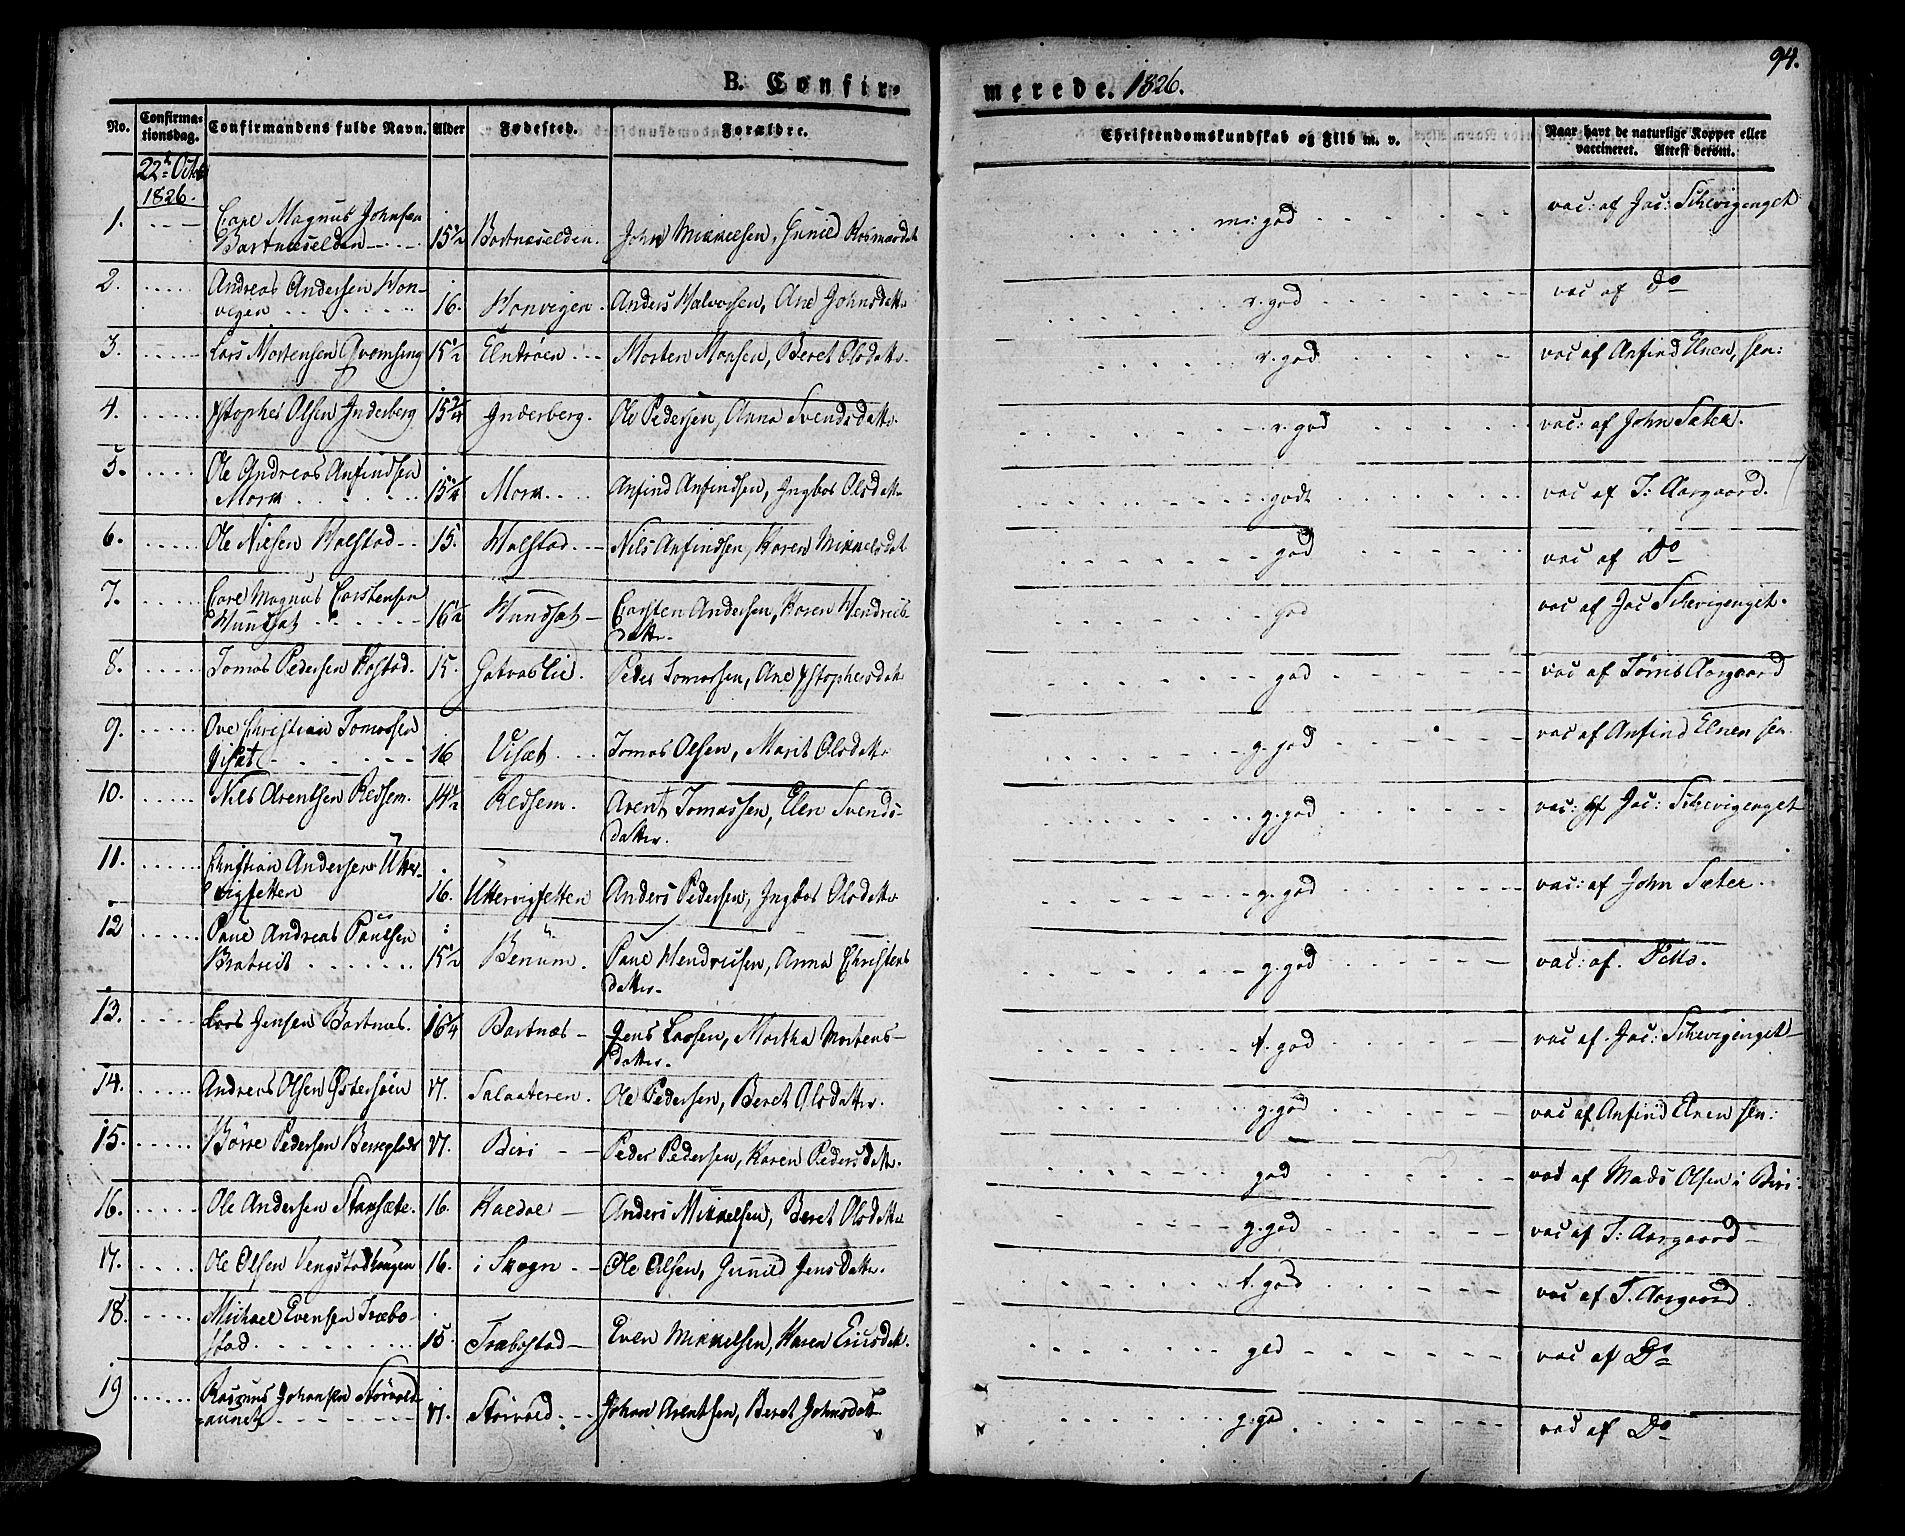 SAT, Ministerialprotokoller, klokkerbøker og fødselsregistre - Nord-Trøndelag, 741/L0390: Ministerialbok nr. 741A04, 1822-1836, s. 94